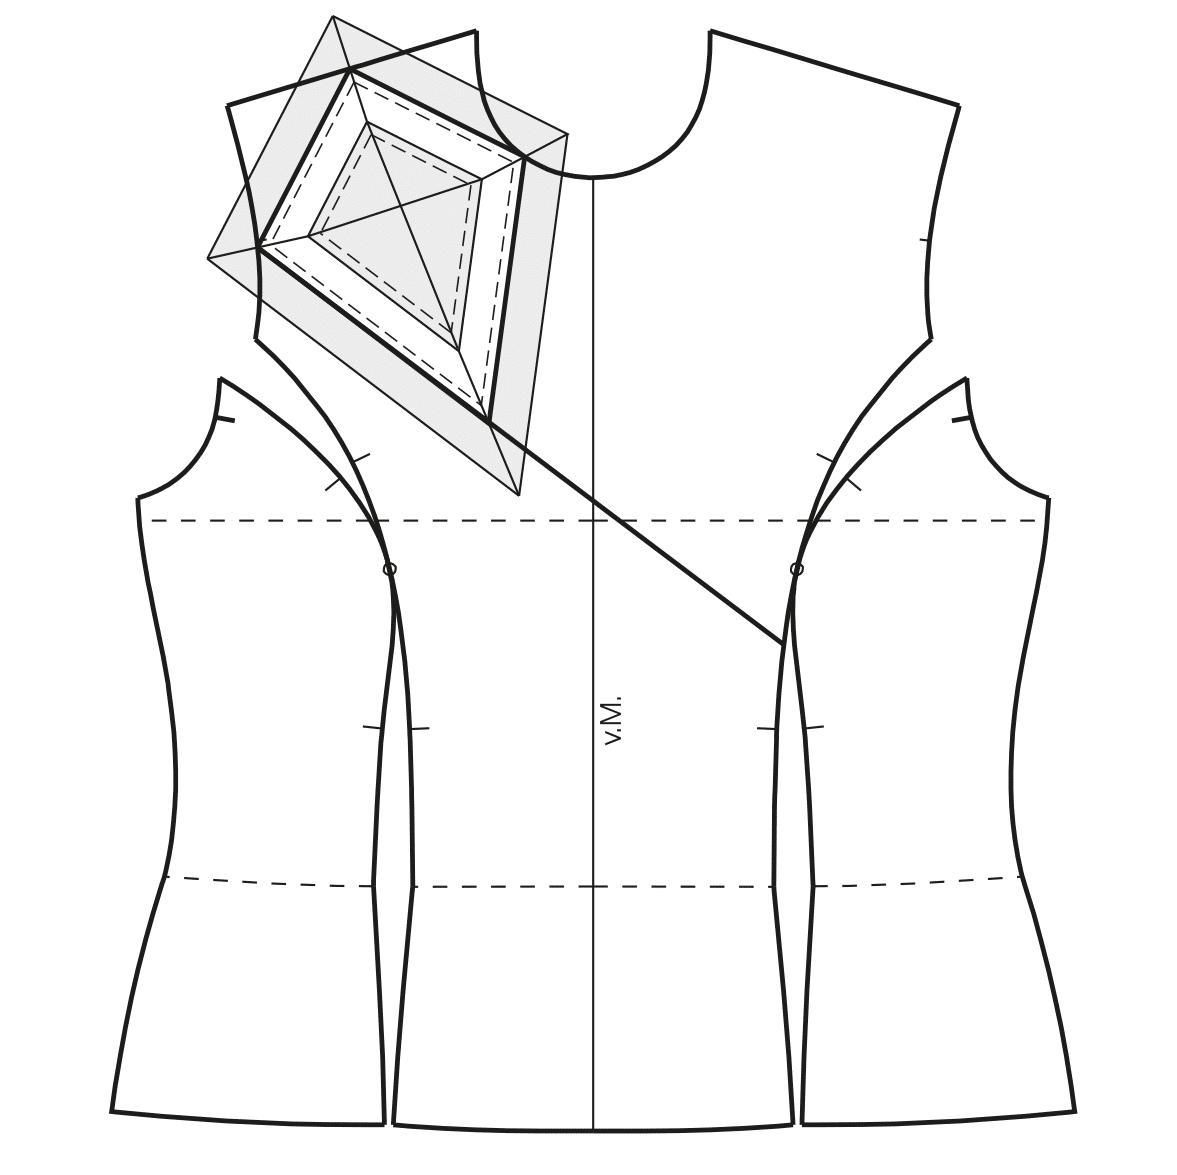 Abgebildet ist die Schnittkonstruktion für den geometrischen Kragen.